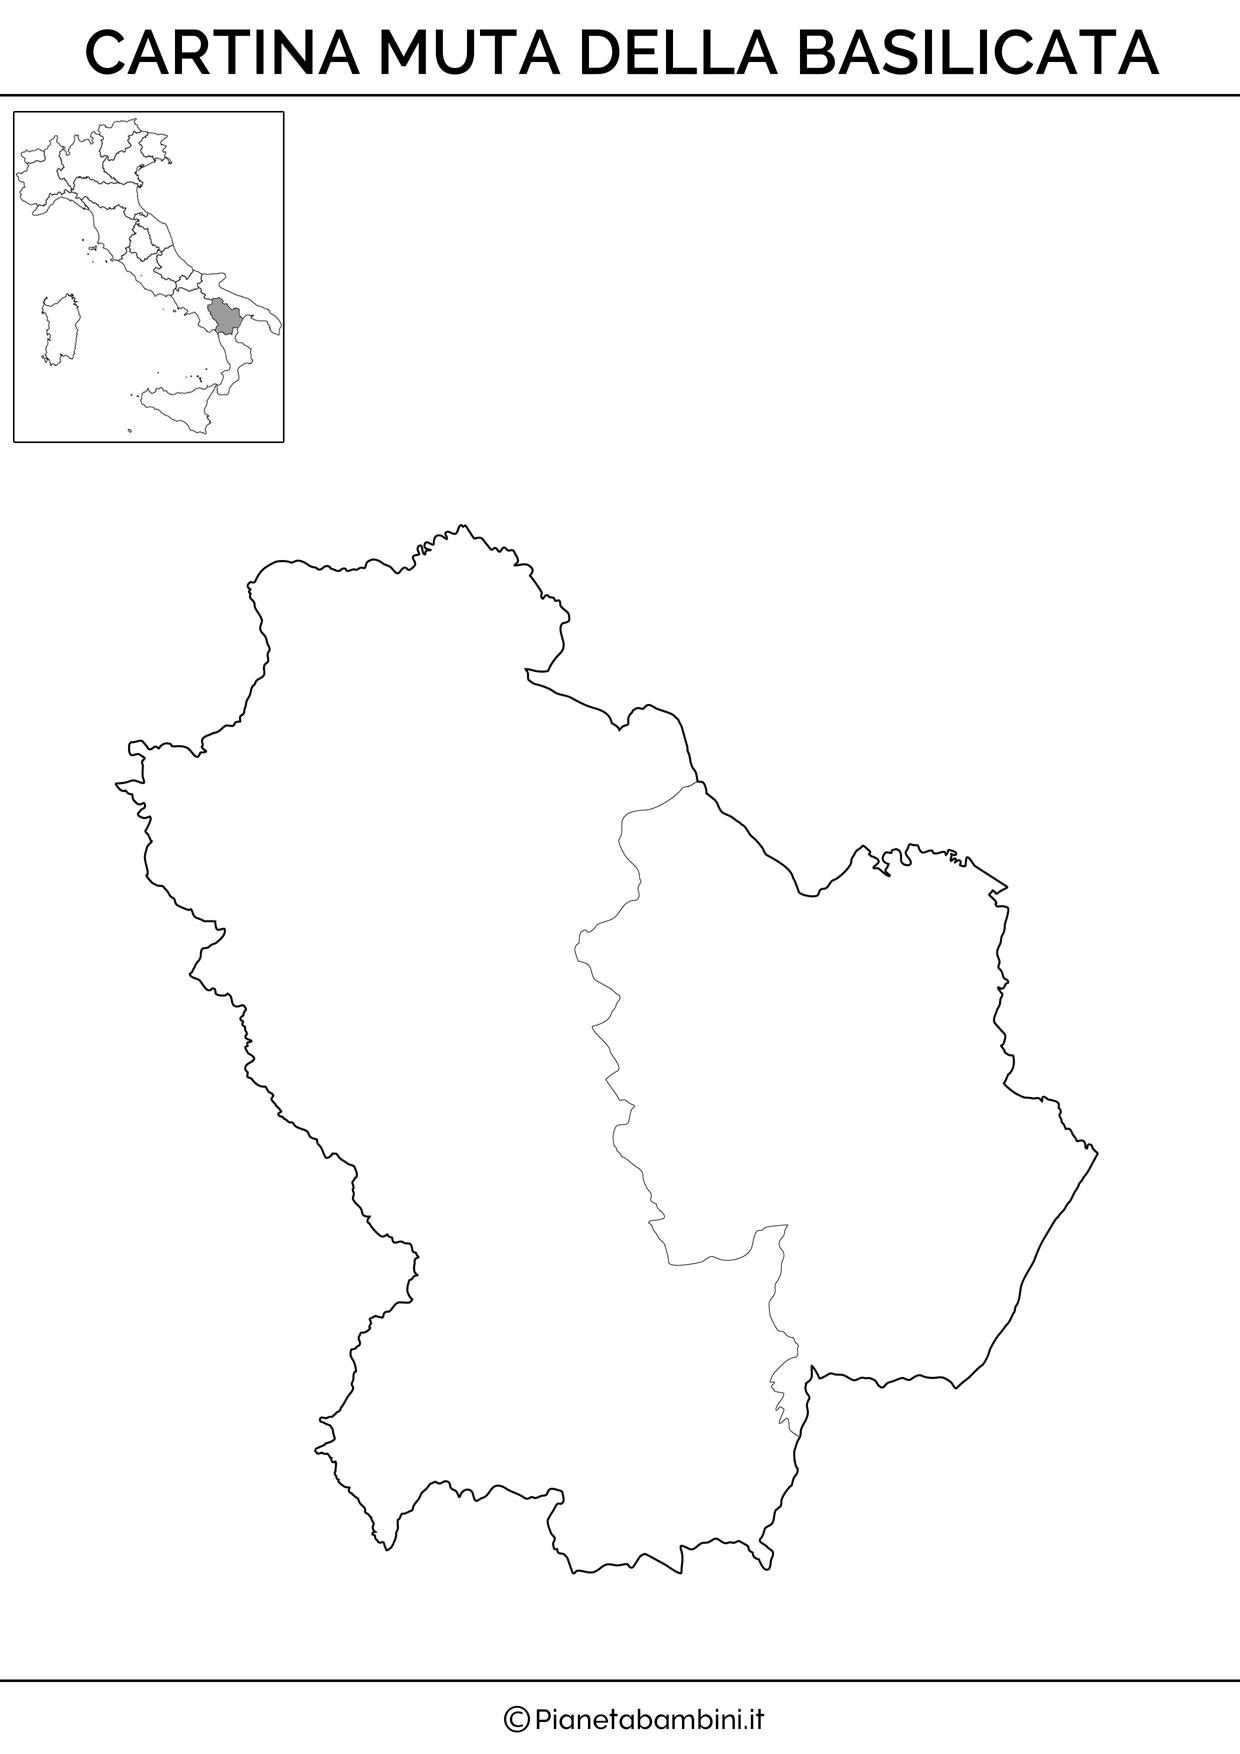 Cartina della Basilicata in versione muta da stampare gratis